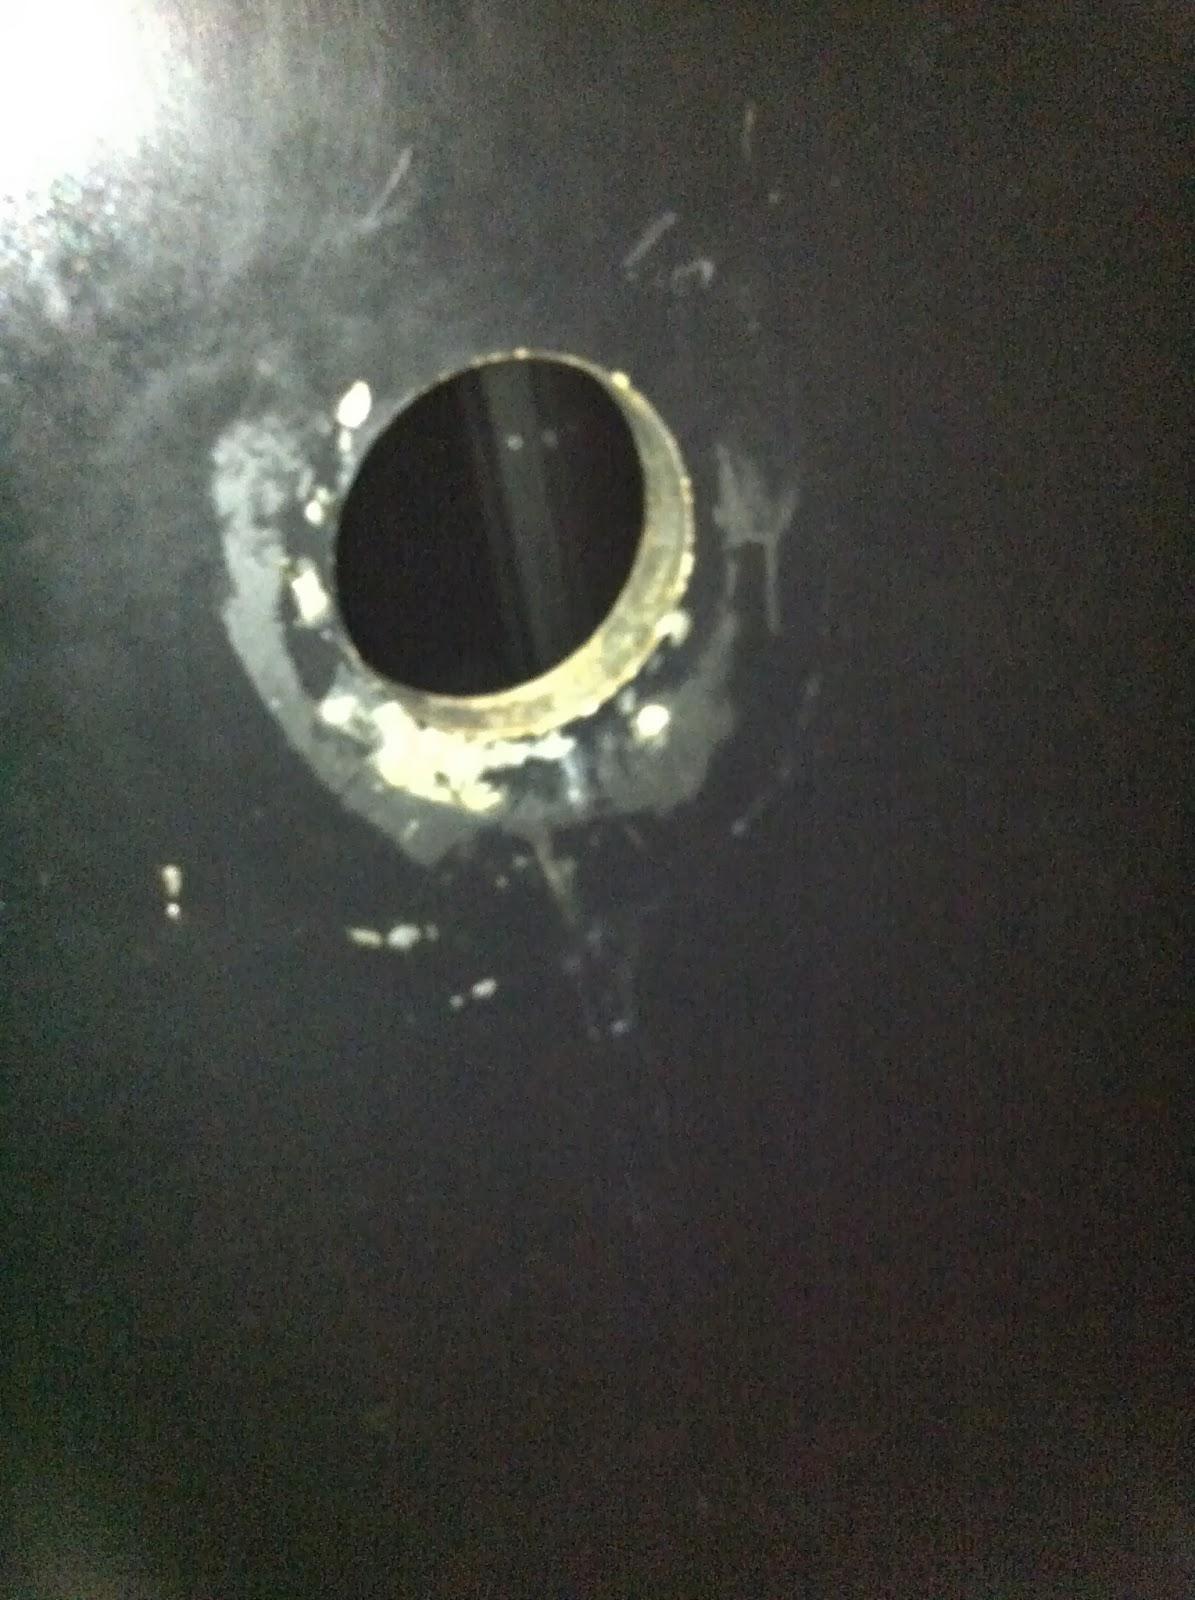 Spearmint rhino glory hole